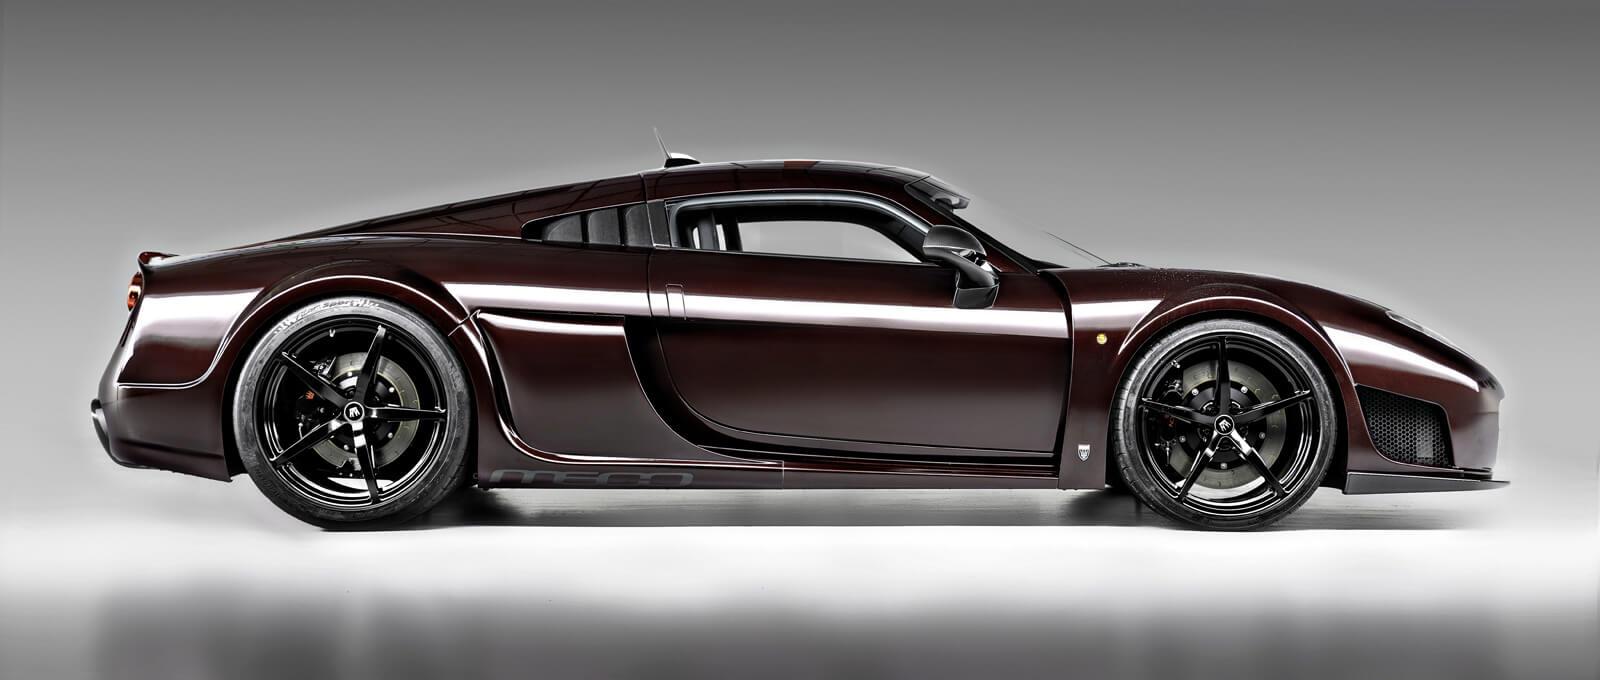 Noble M600 (225 mph)